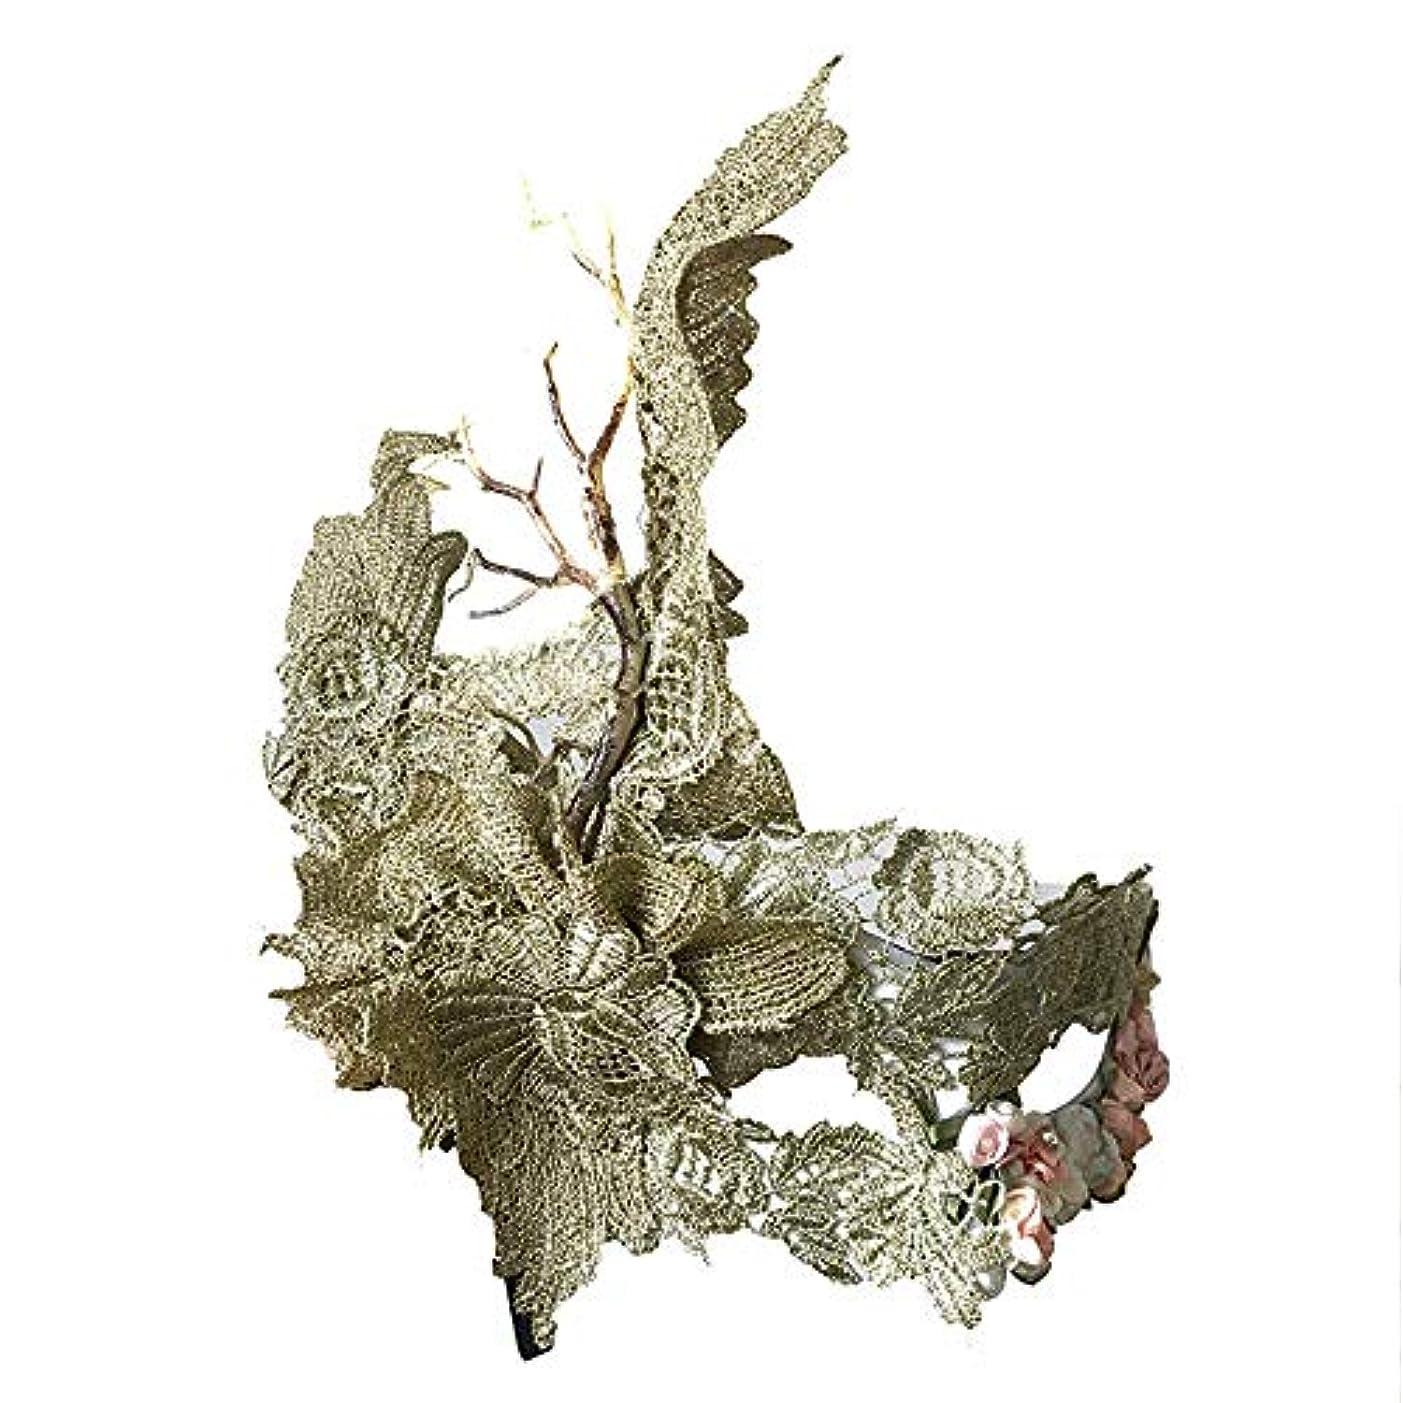 ベイビー姪副産物Nanle ハロウィーン手刺繍乾燥ブランチマスク仮装マスクレディミスプリンセス美容祭パーティー装飾マスク